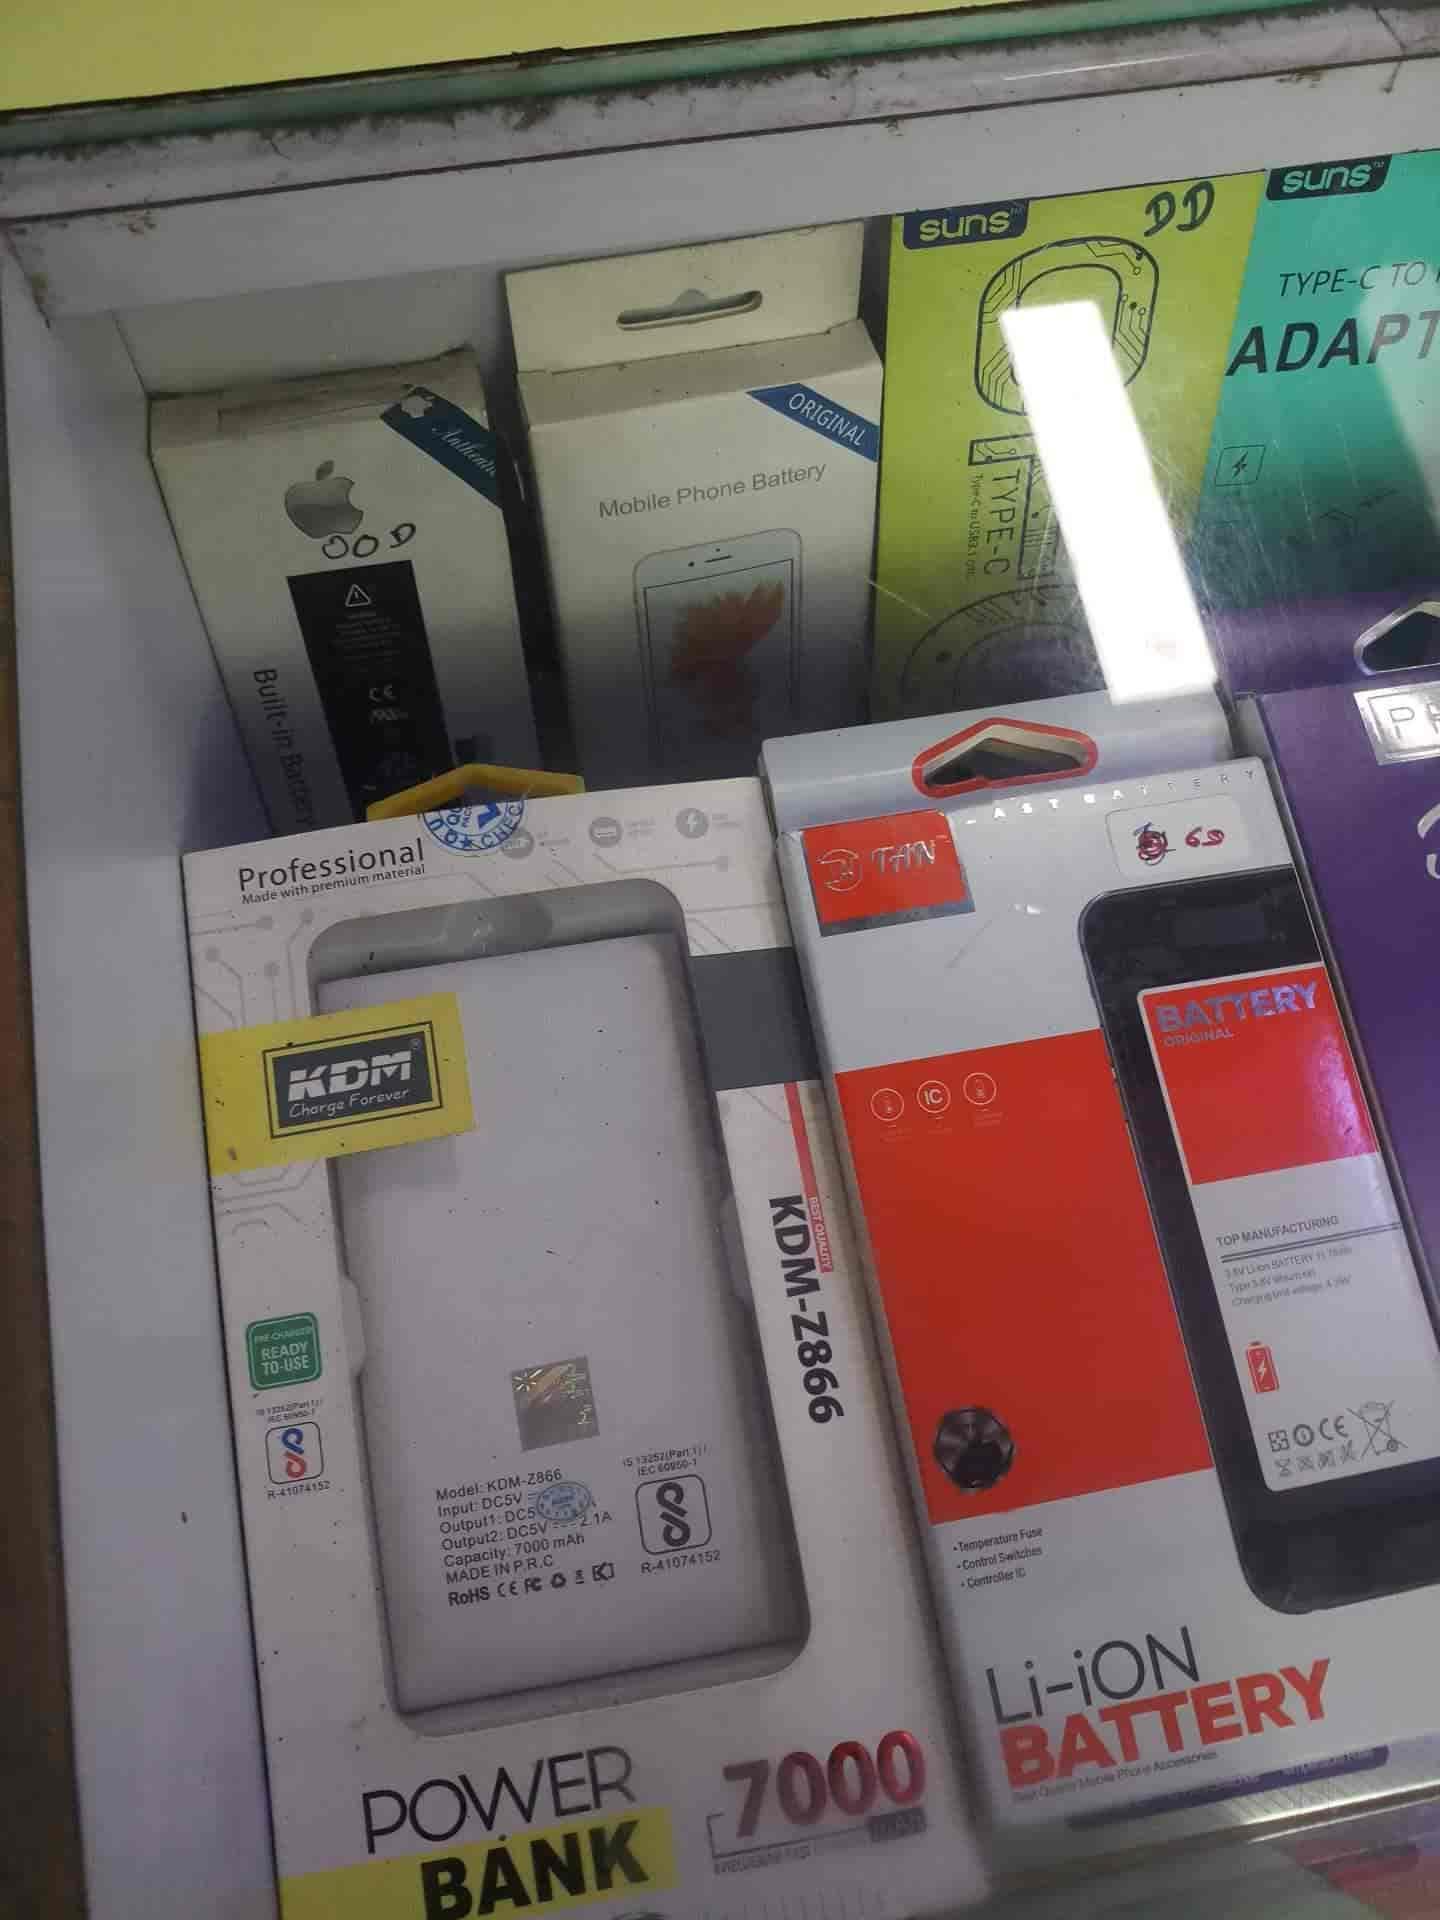 Mahavir Mobile Repairing, Dombivli East - Mobile Phone